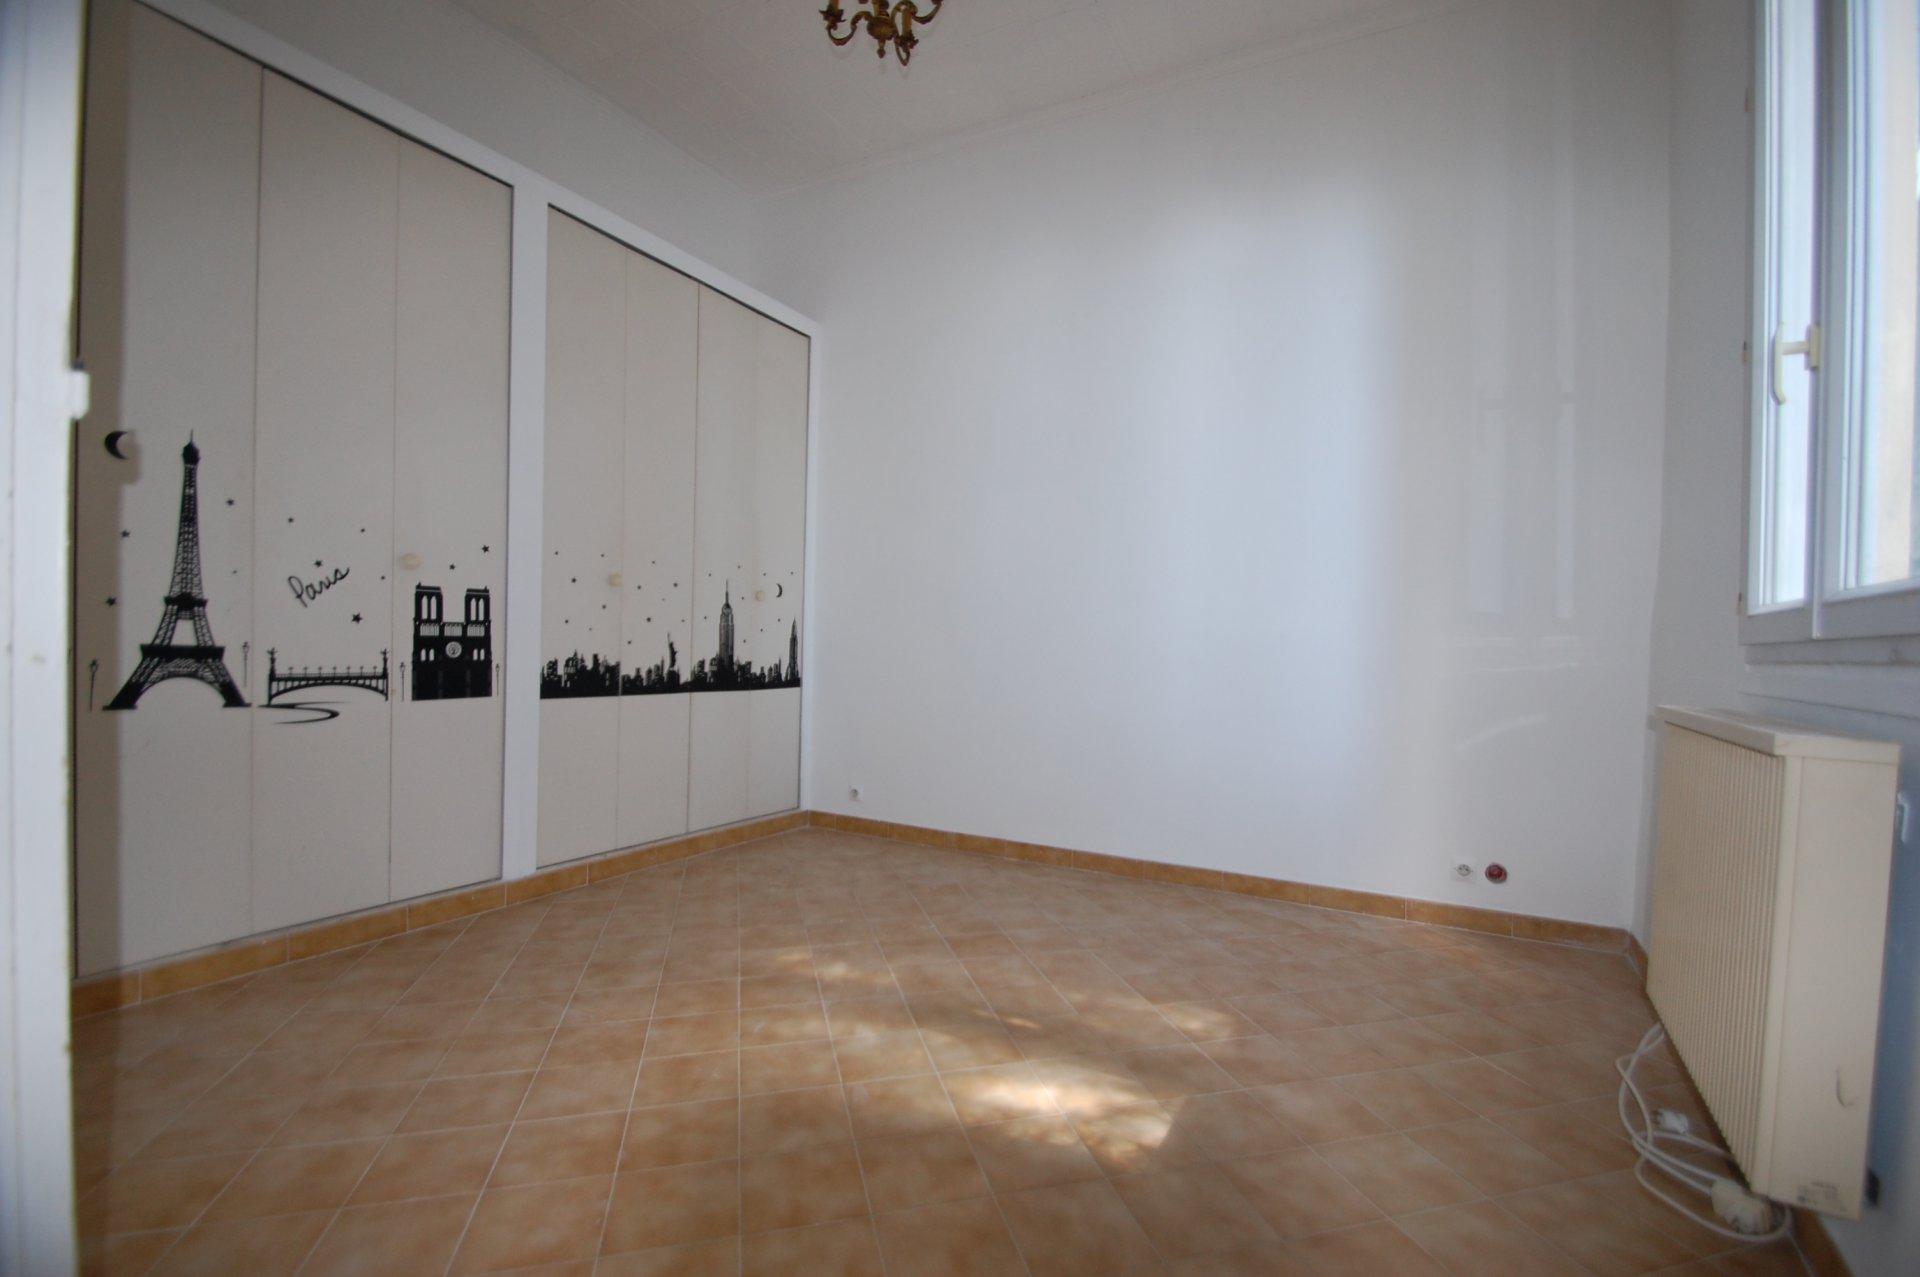 Affitto Appartamento - Nizza (Nice) Mantega - Righi